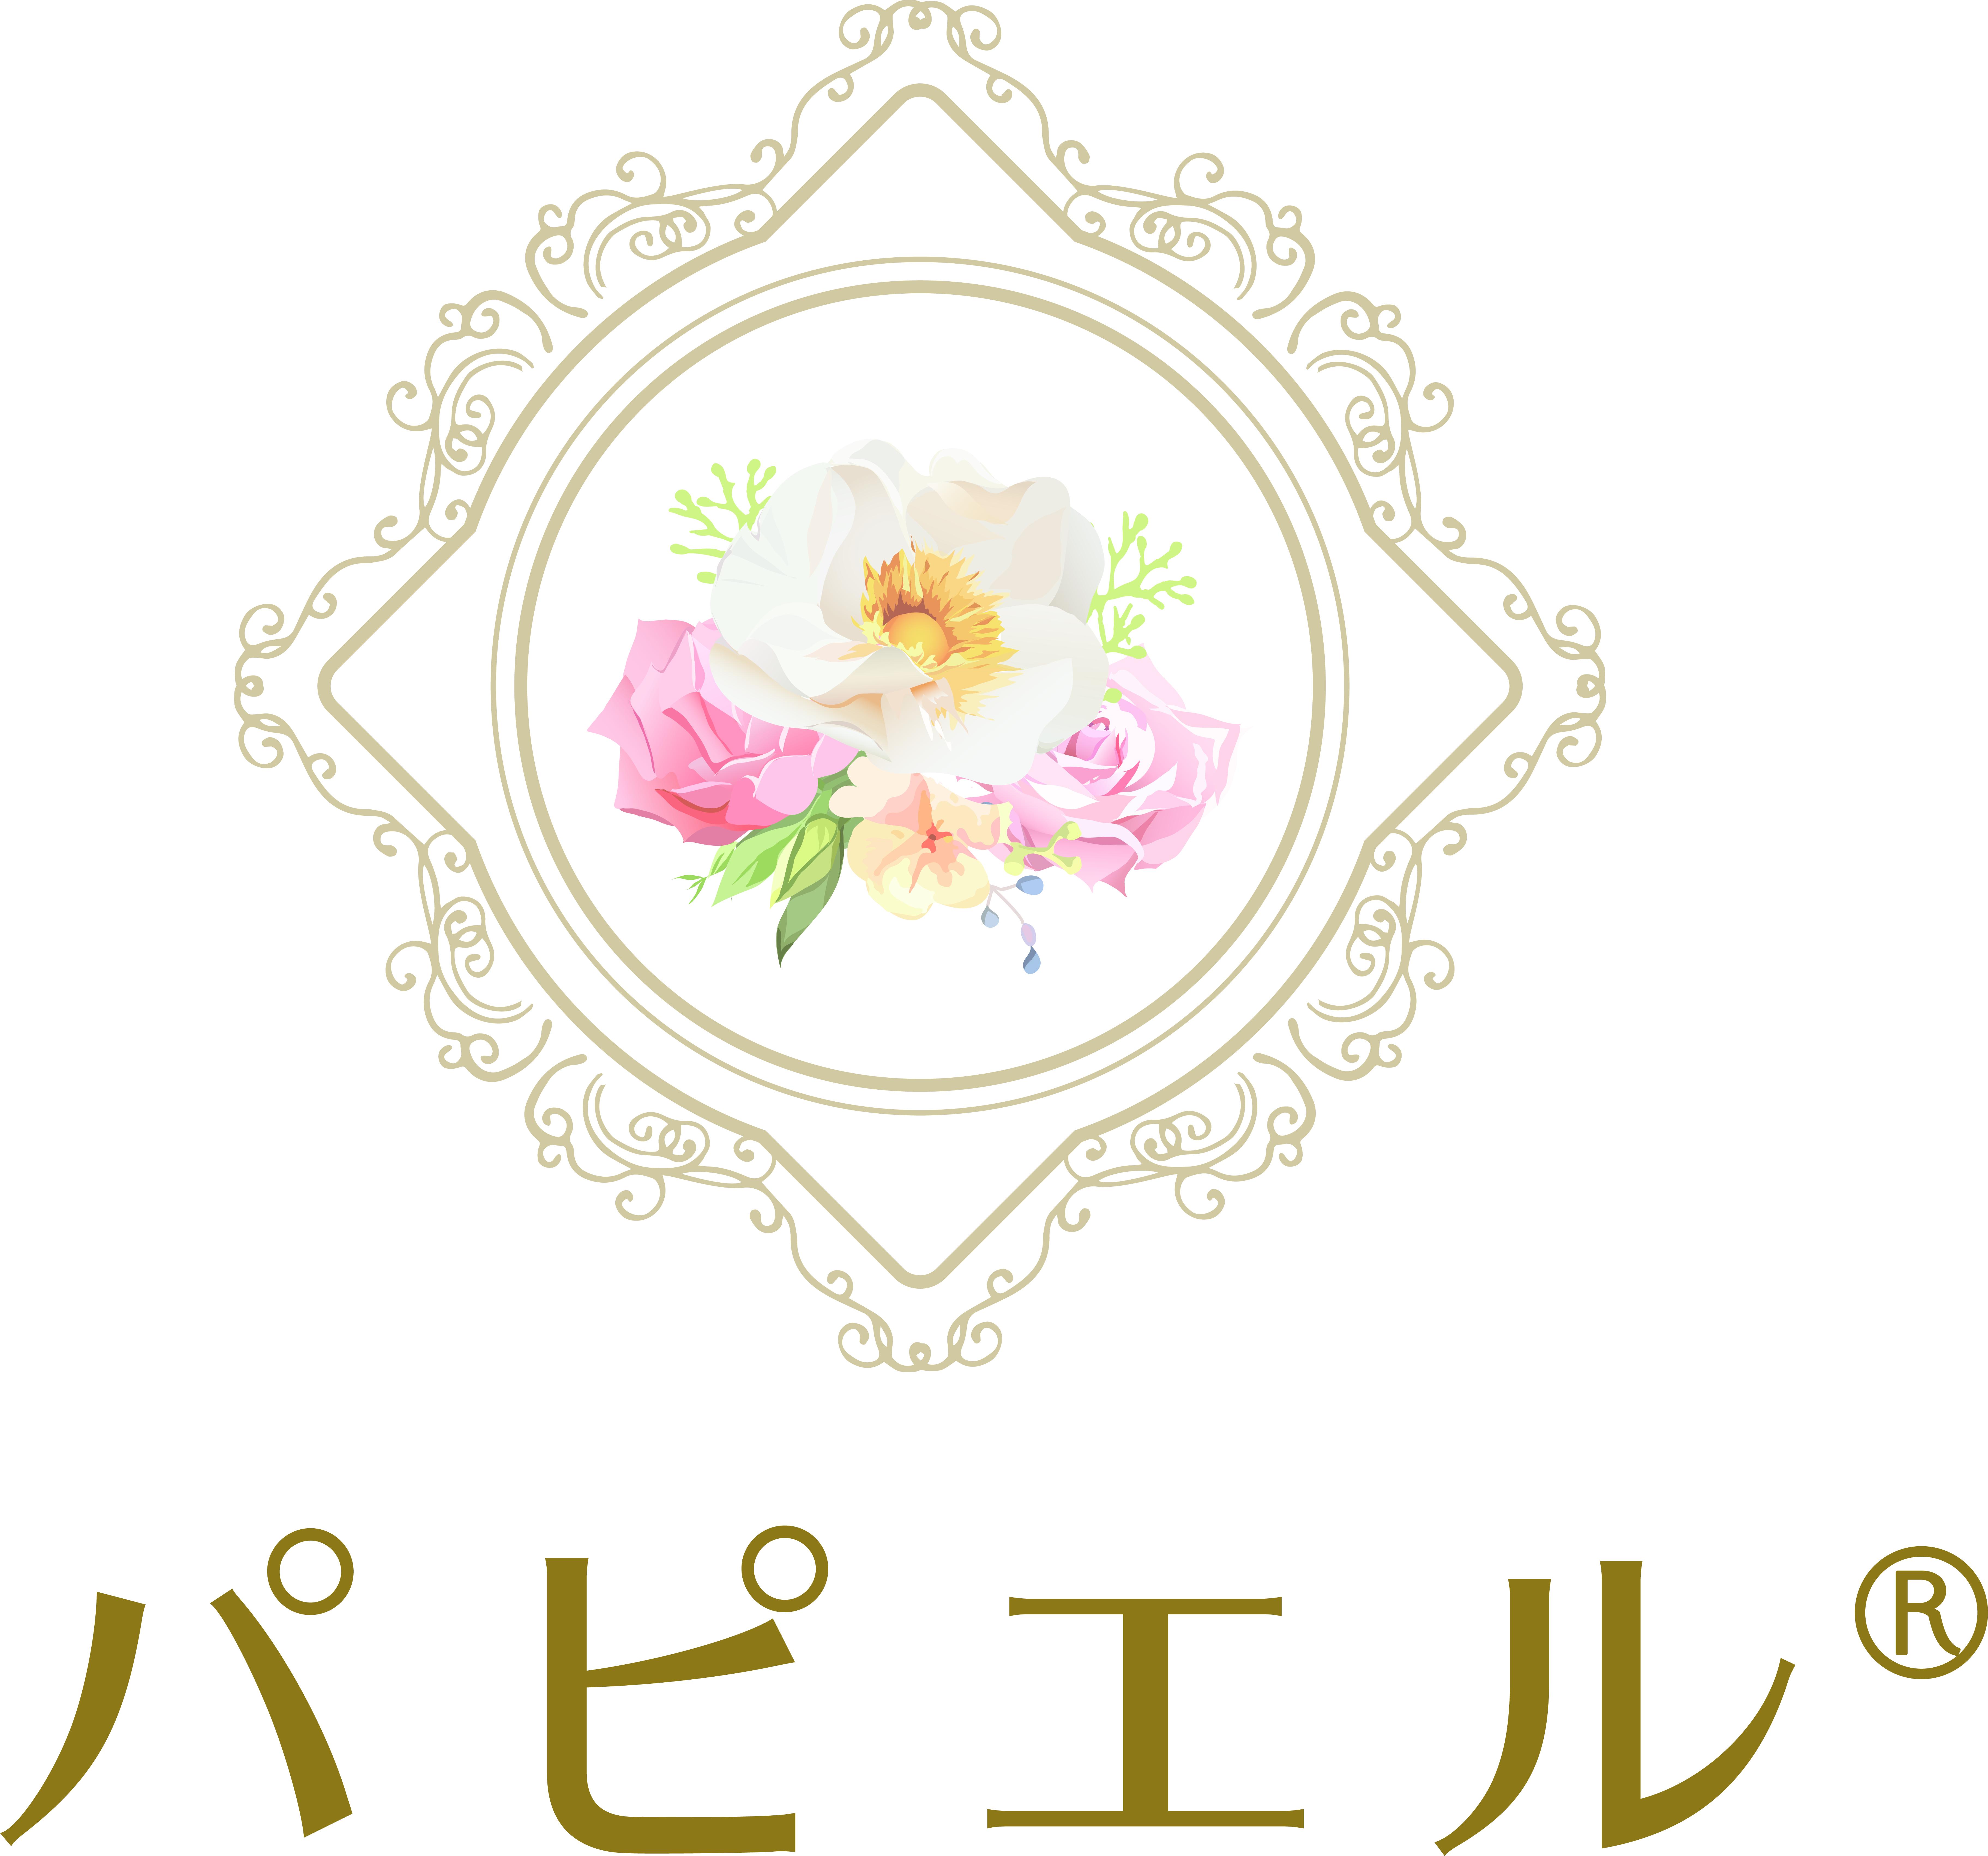 ハンドメイド通信講座・ハンドメイド教室【パピエル®】